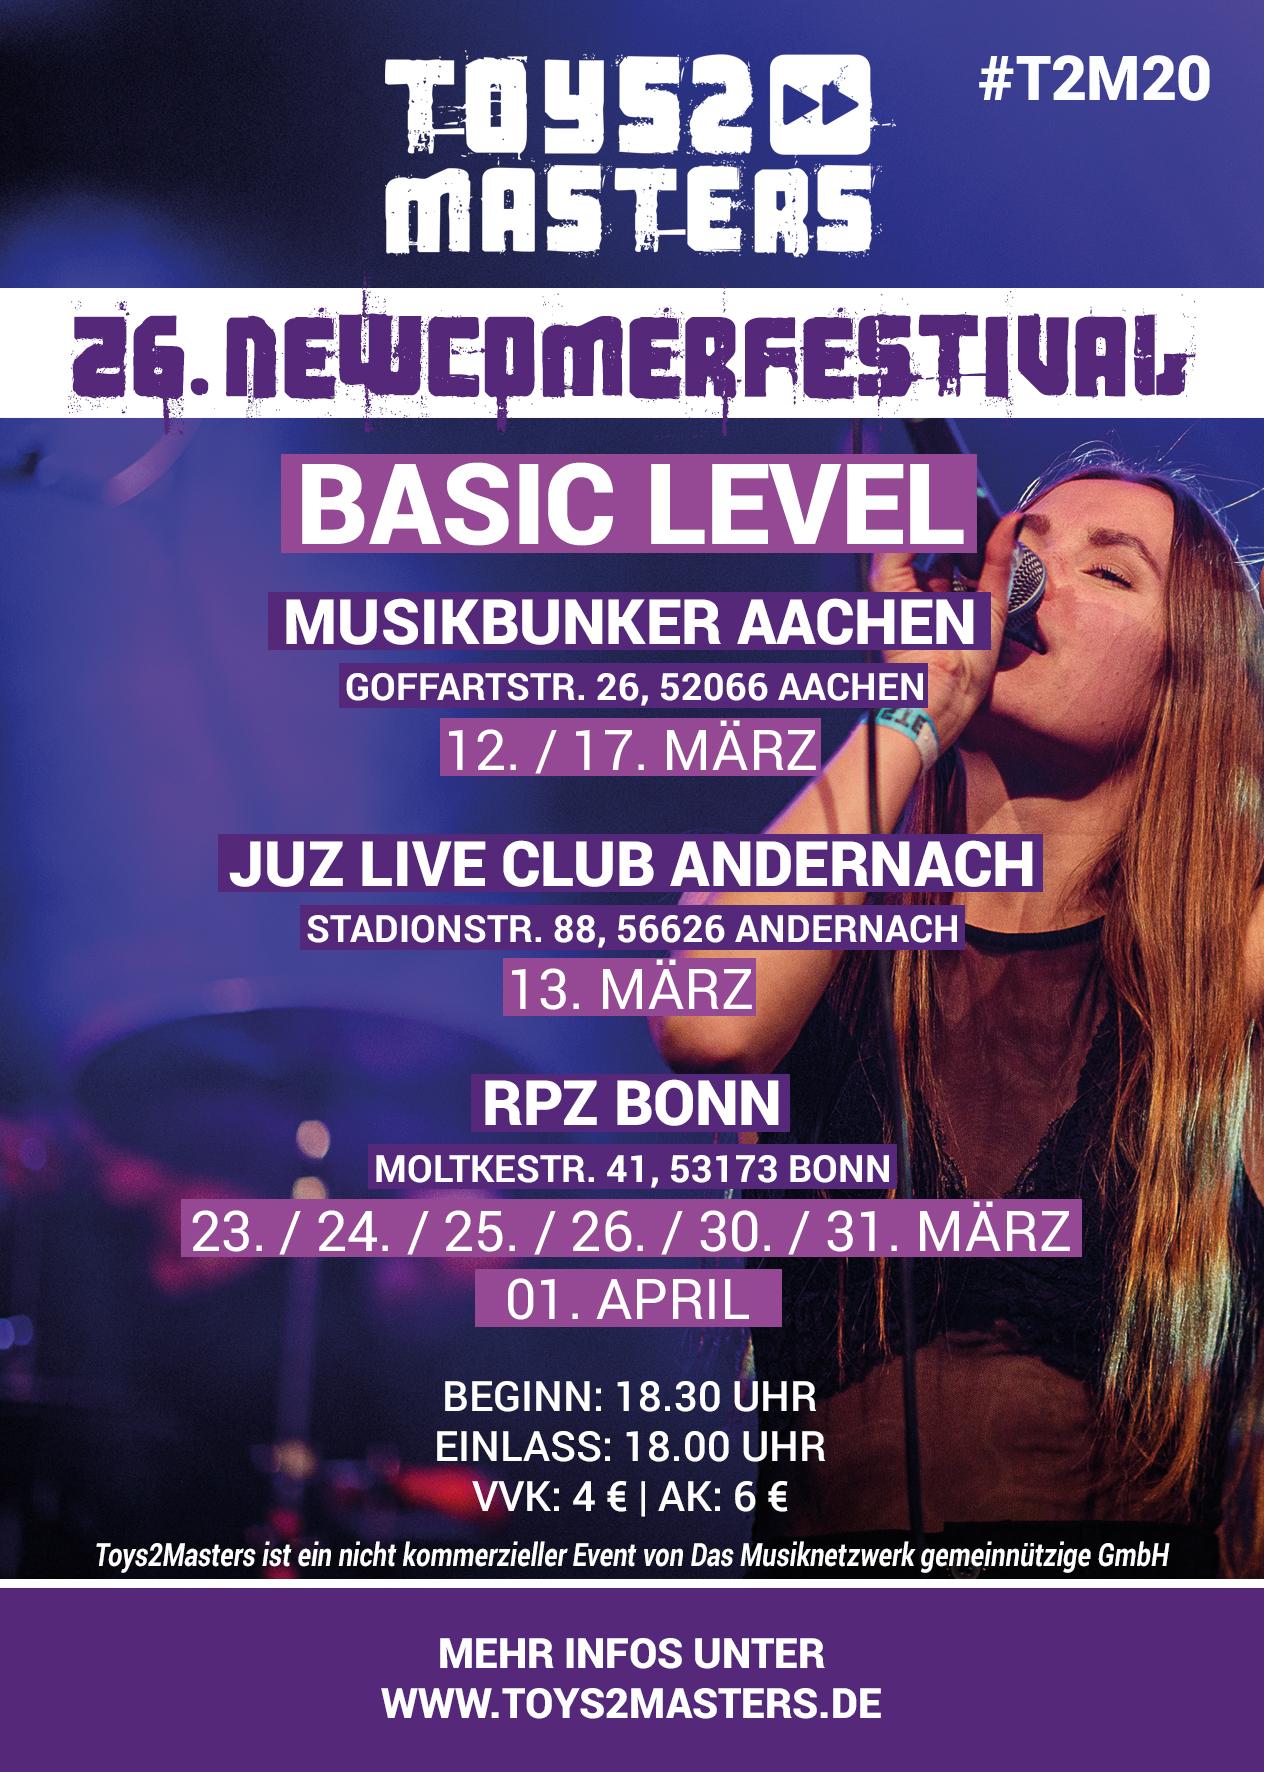 T2M_2020_Konzert_Flyer_BasicLevel_neu